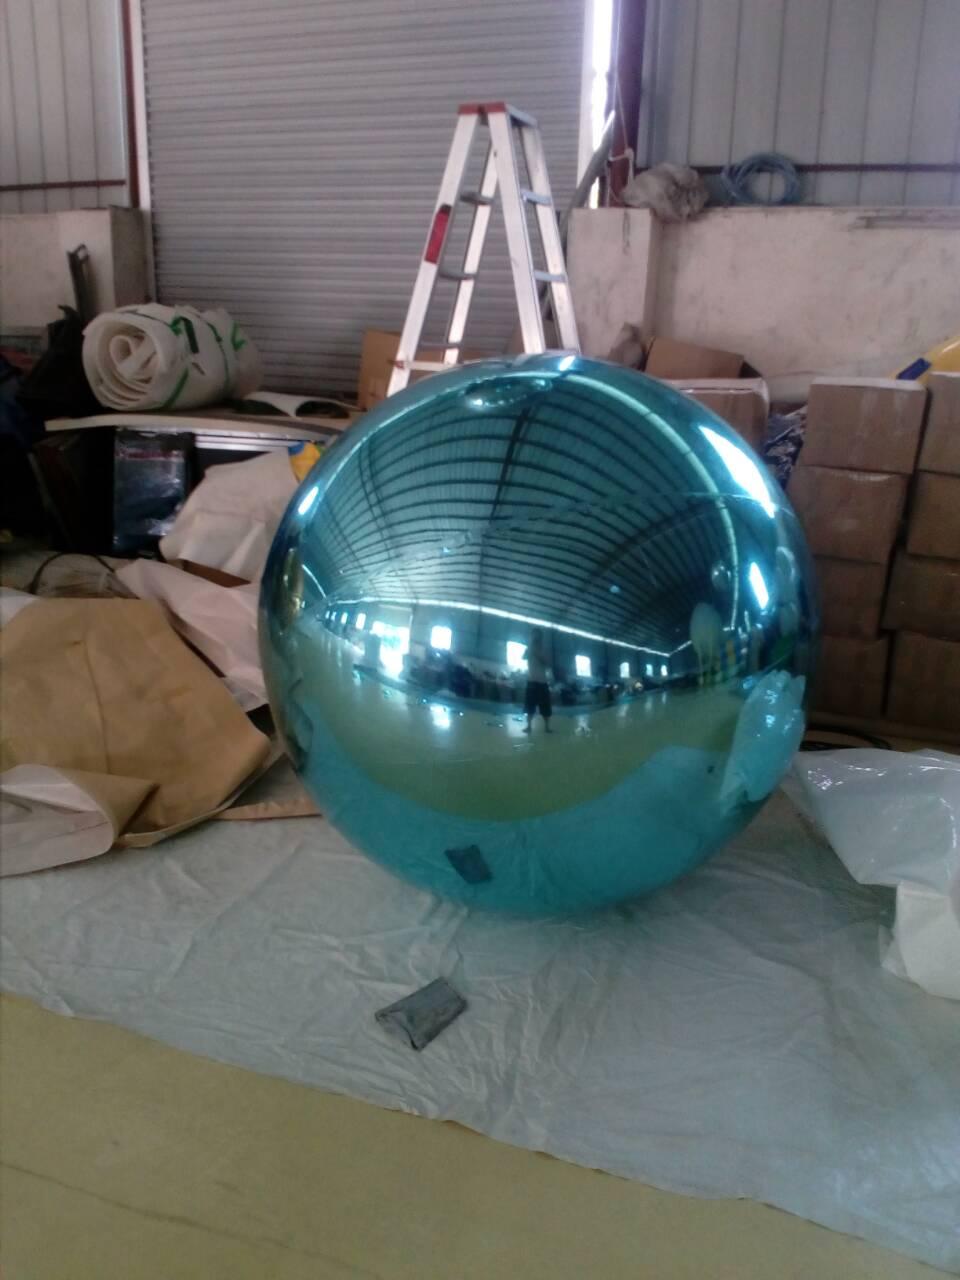 Թեժ վաճառք հսկա փչովի գնդիկ գովազդի համար Հարմարեցված դեկորացիայի հայելիի գնդակը Նոր ժամանում ռեֆլեկտիվ փչովի հայելային գնդակ